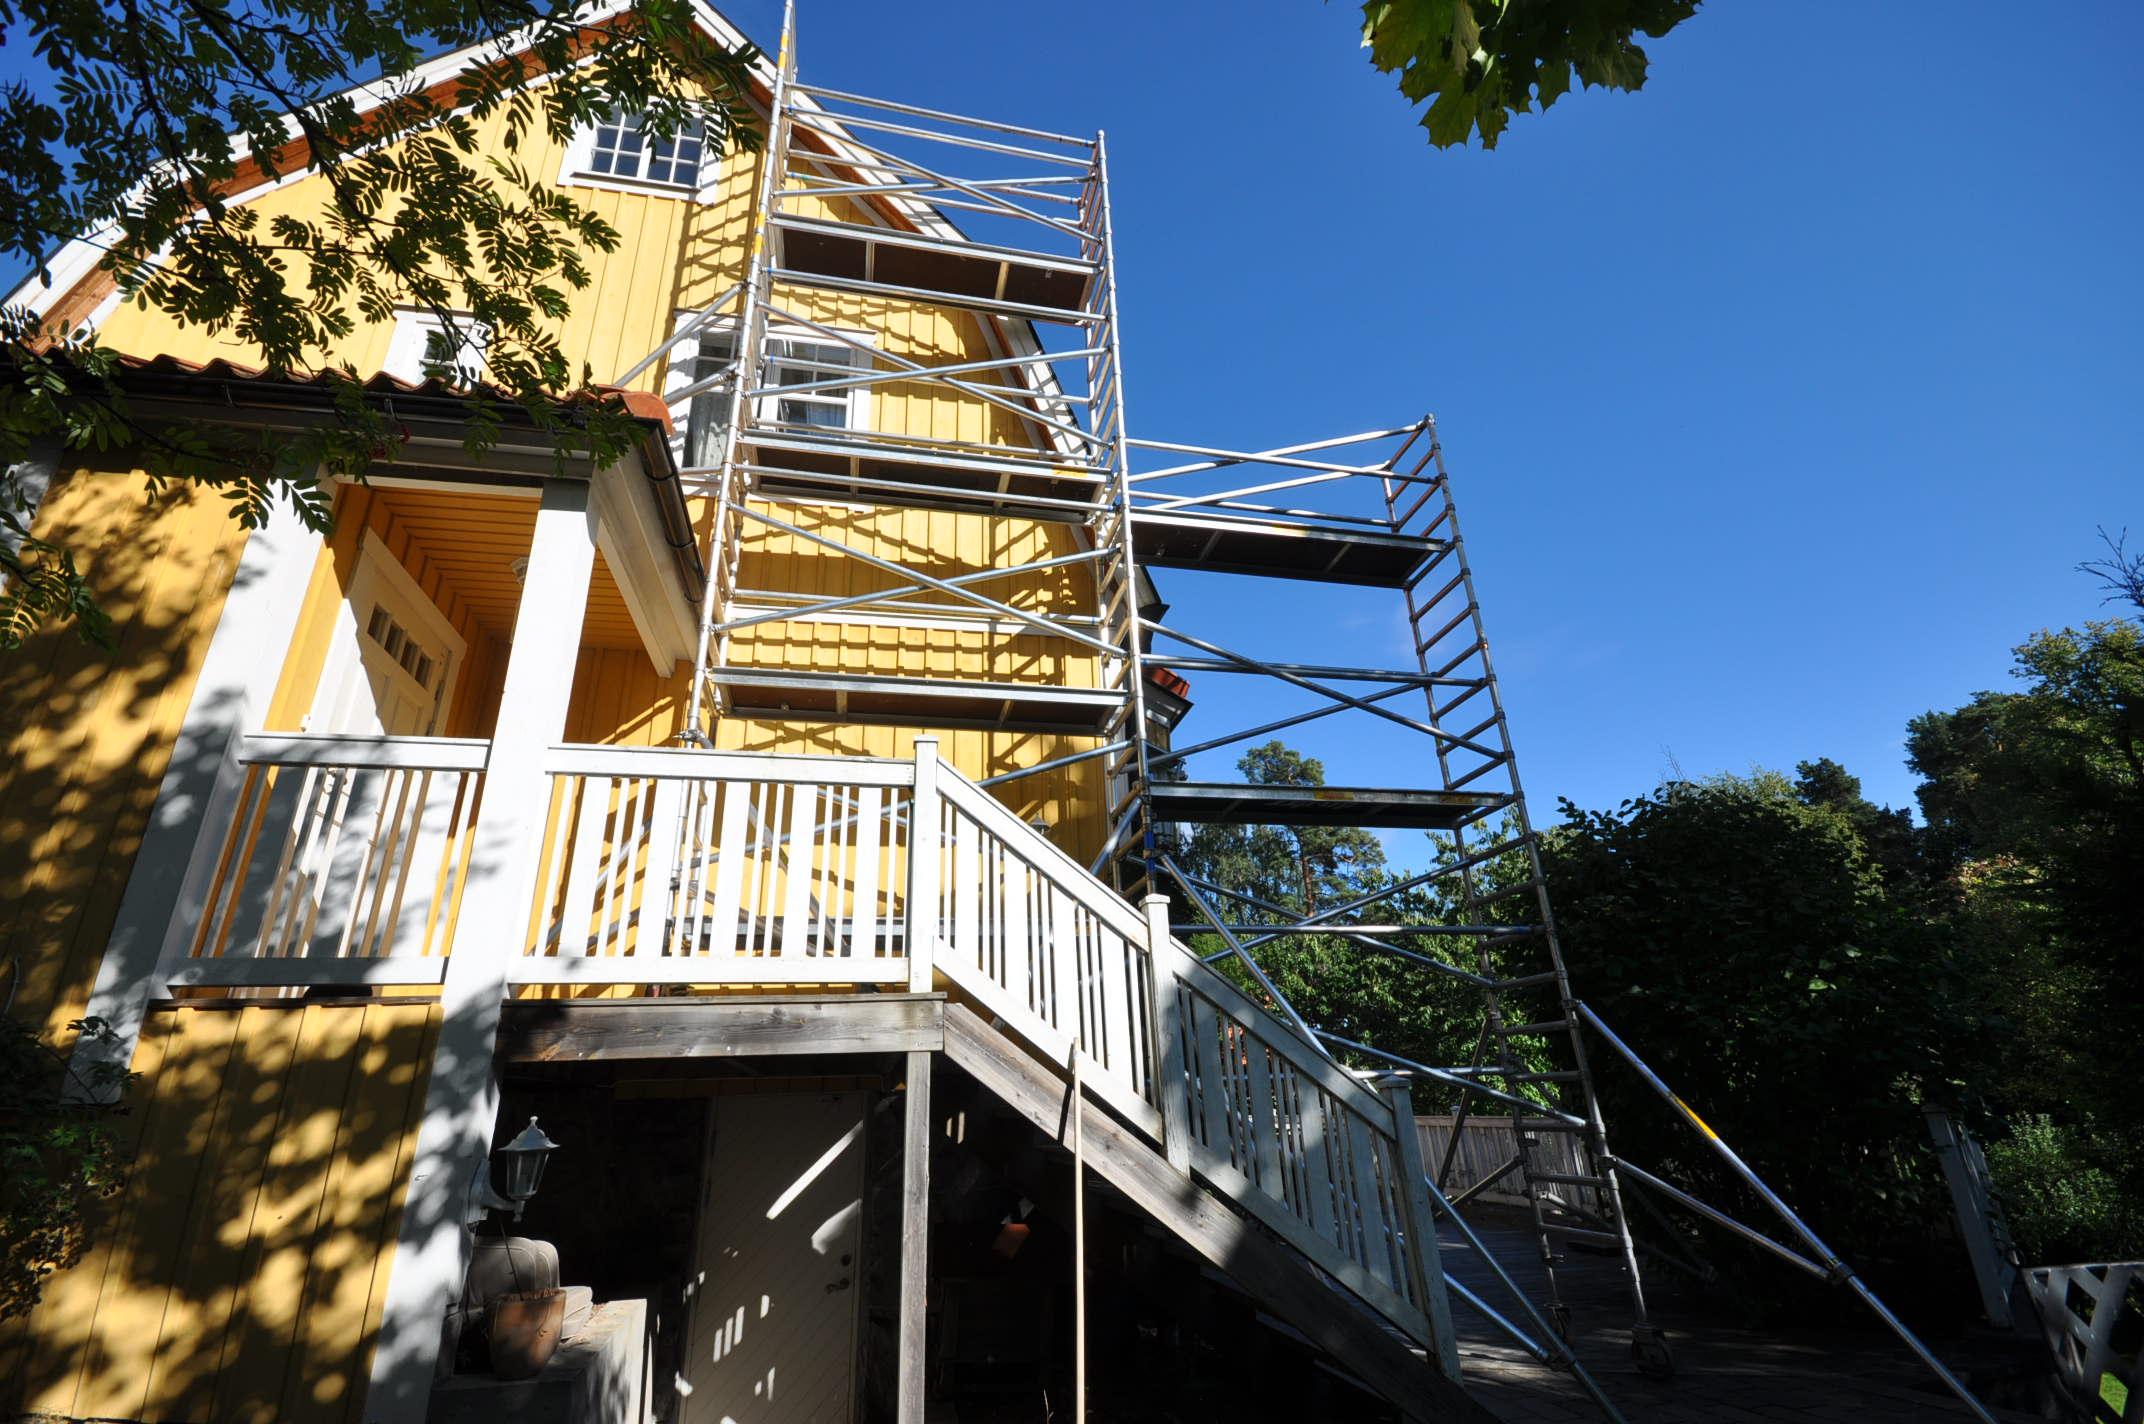 Hyr byggställning Stockholm (2)